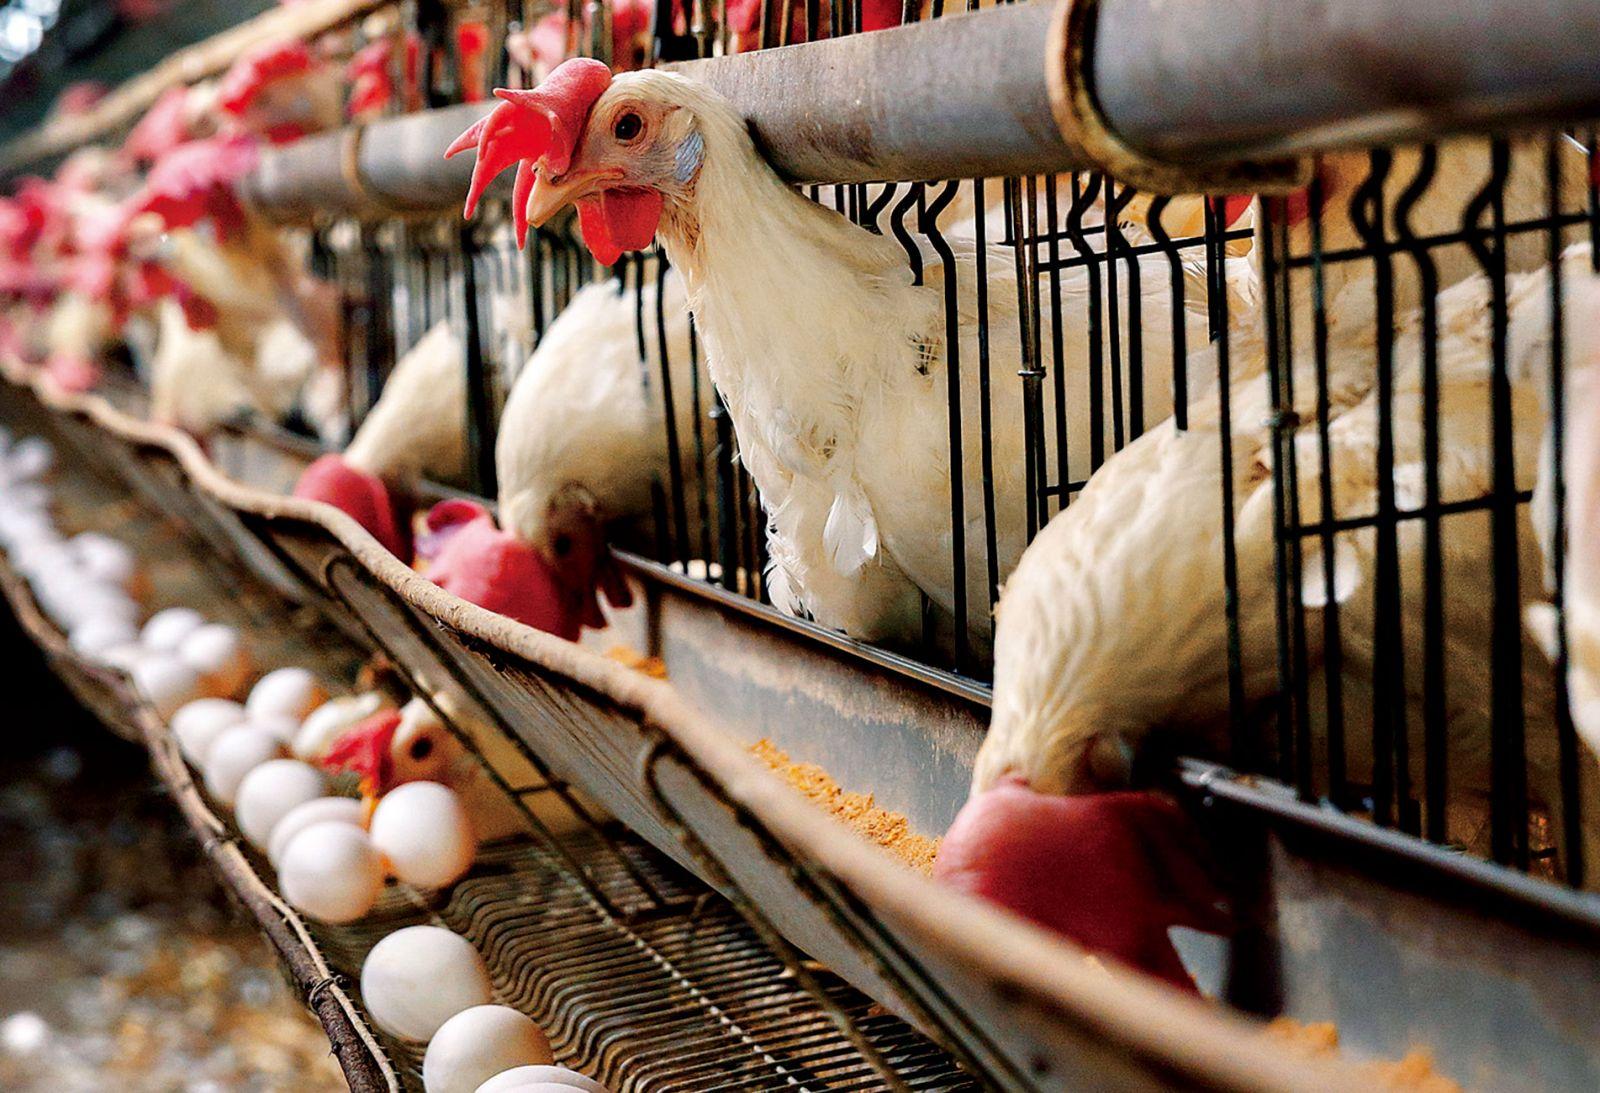 業績貢獻小 為何食品大廠搶併蛋農?